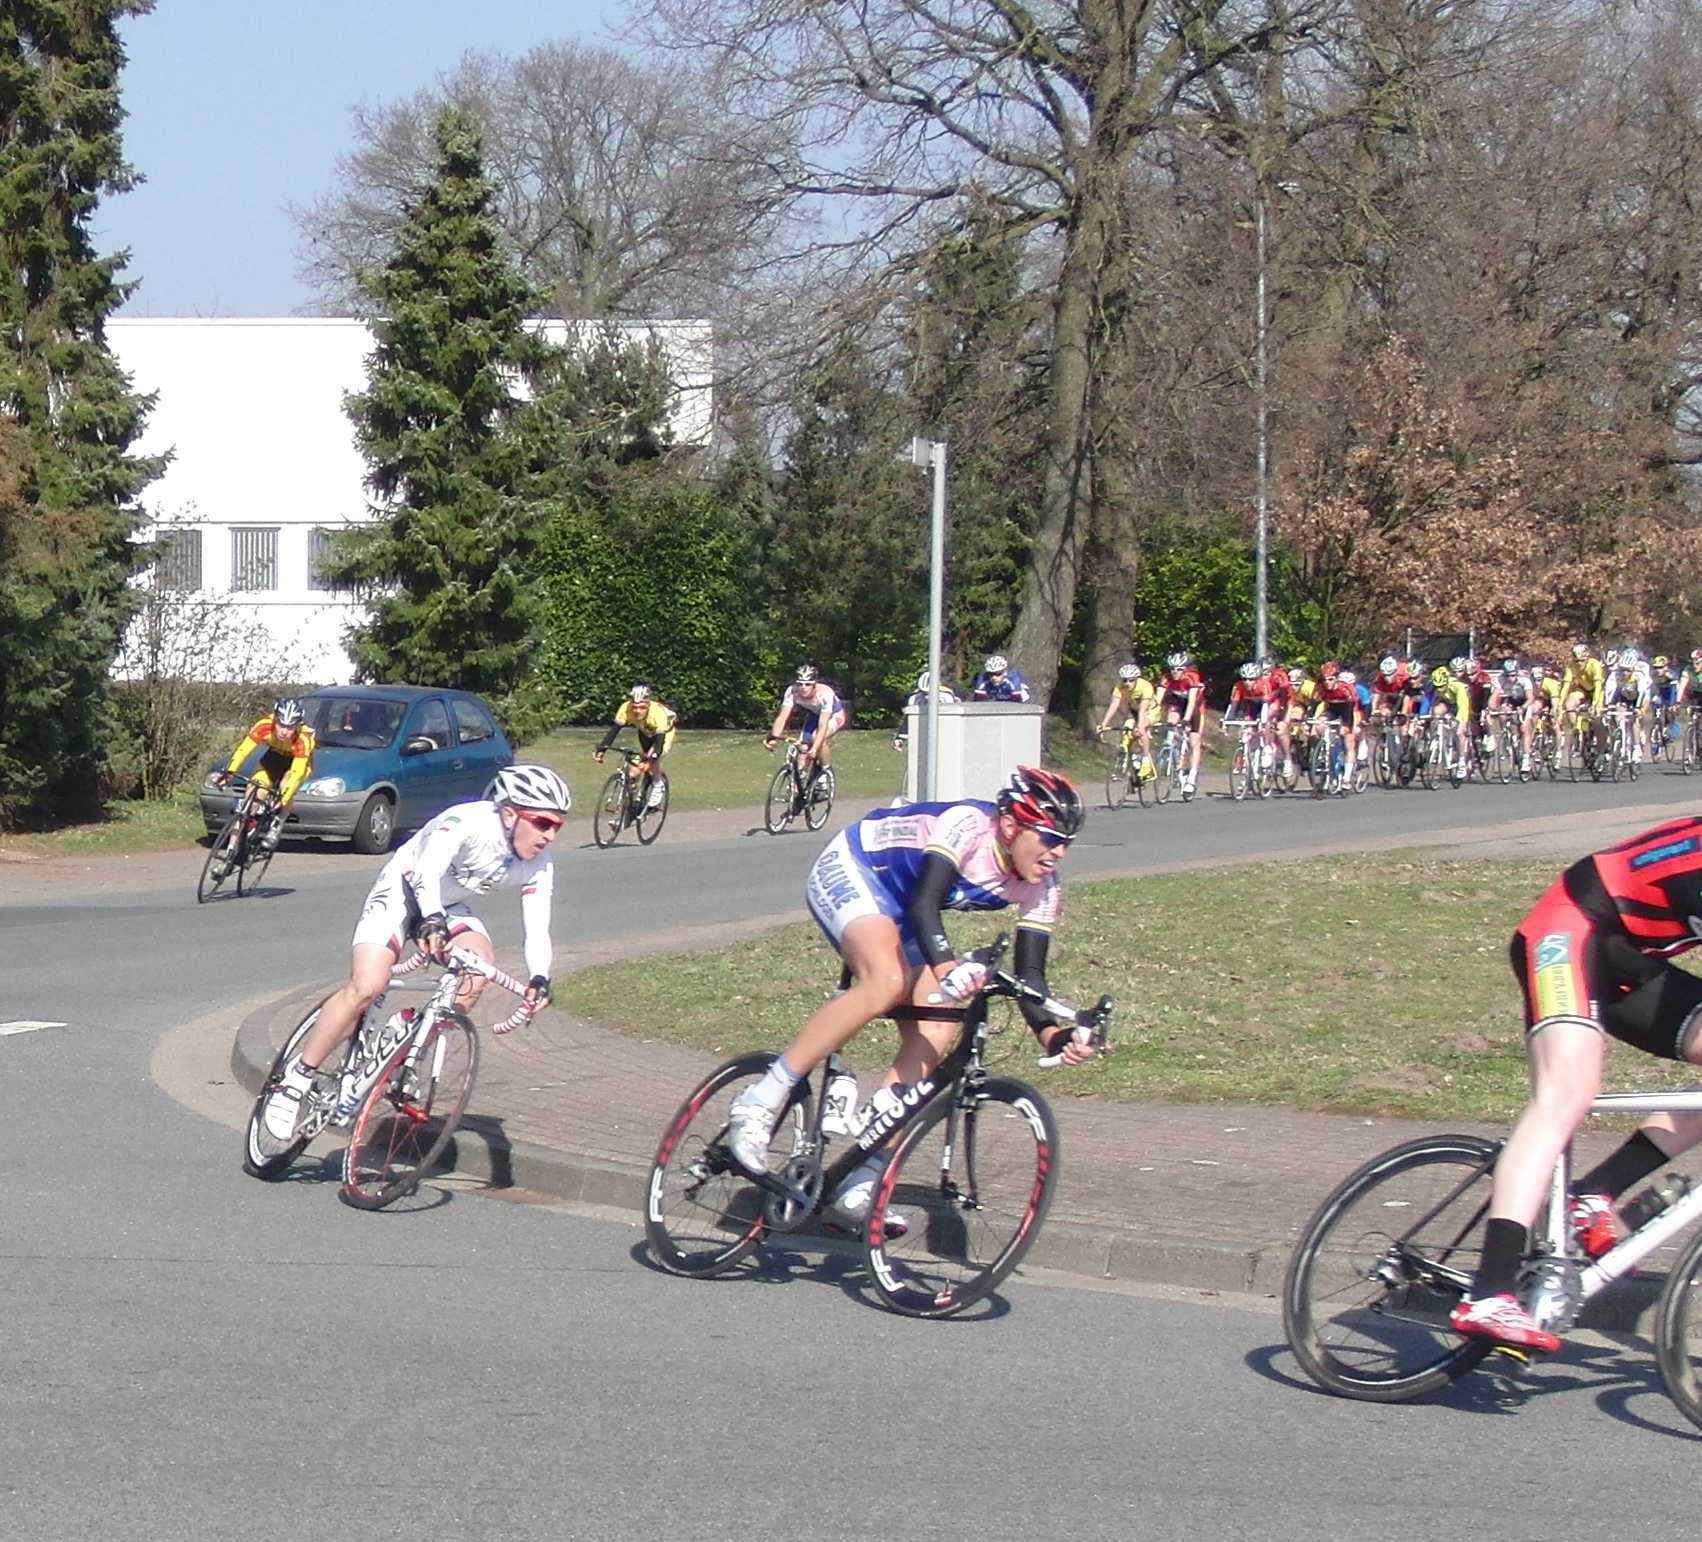 rsc-rheinbach « Rennsport